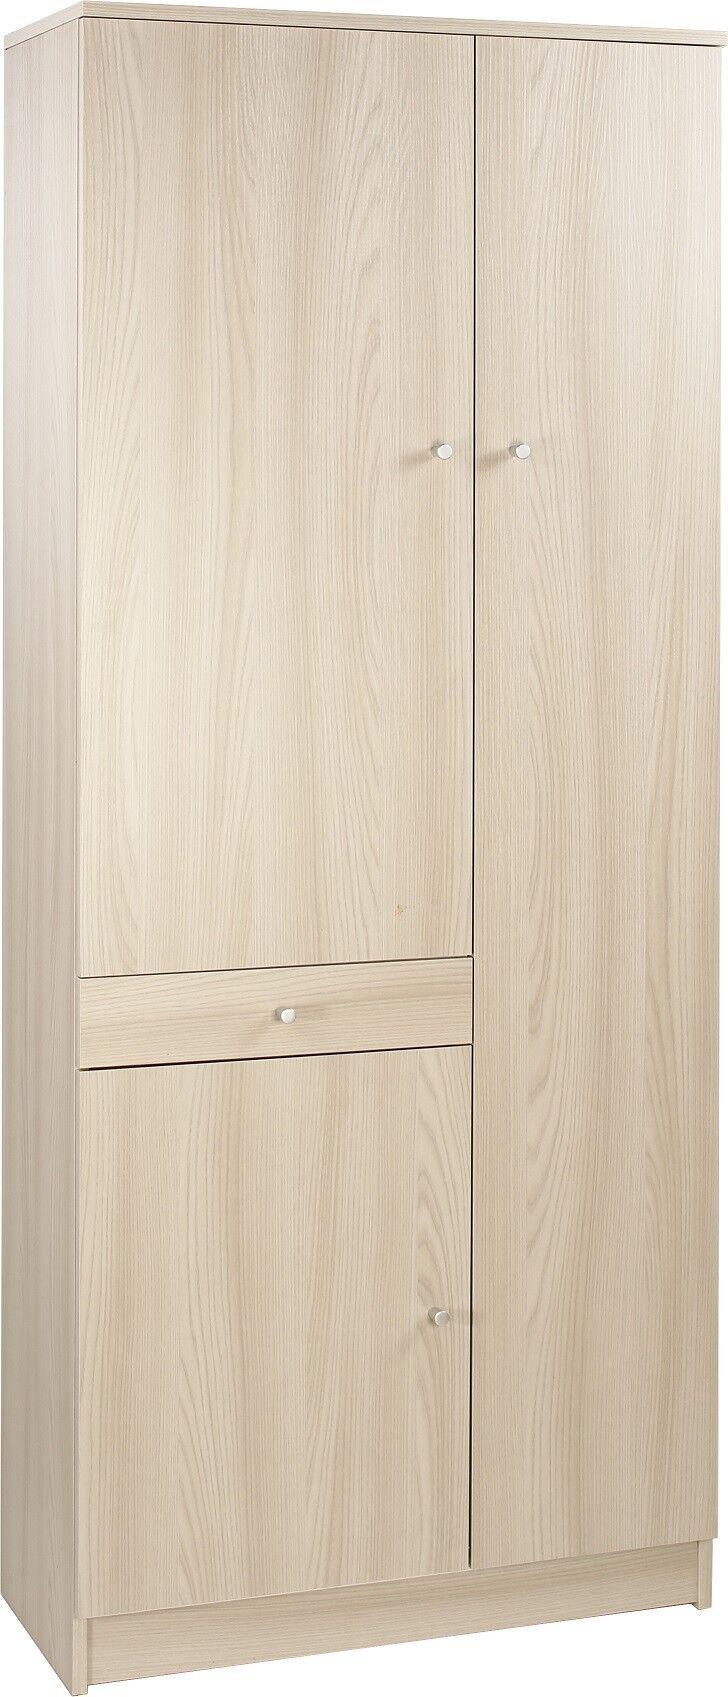 CAESAROO Armoire 77xH183 cm Orme clair avec trois portes et un tiroir   Elm